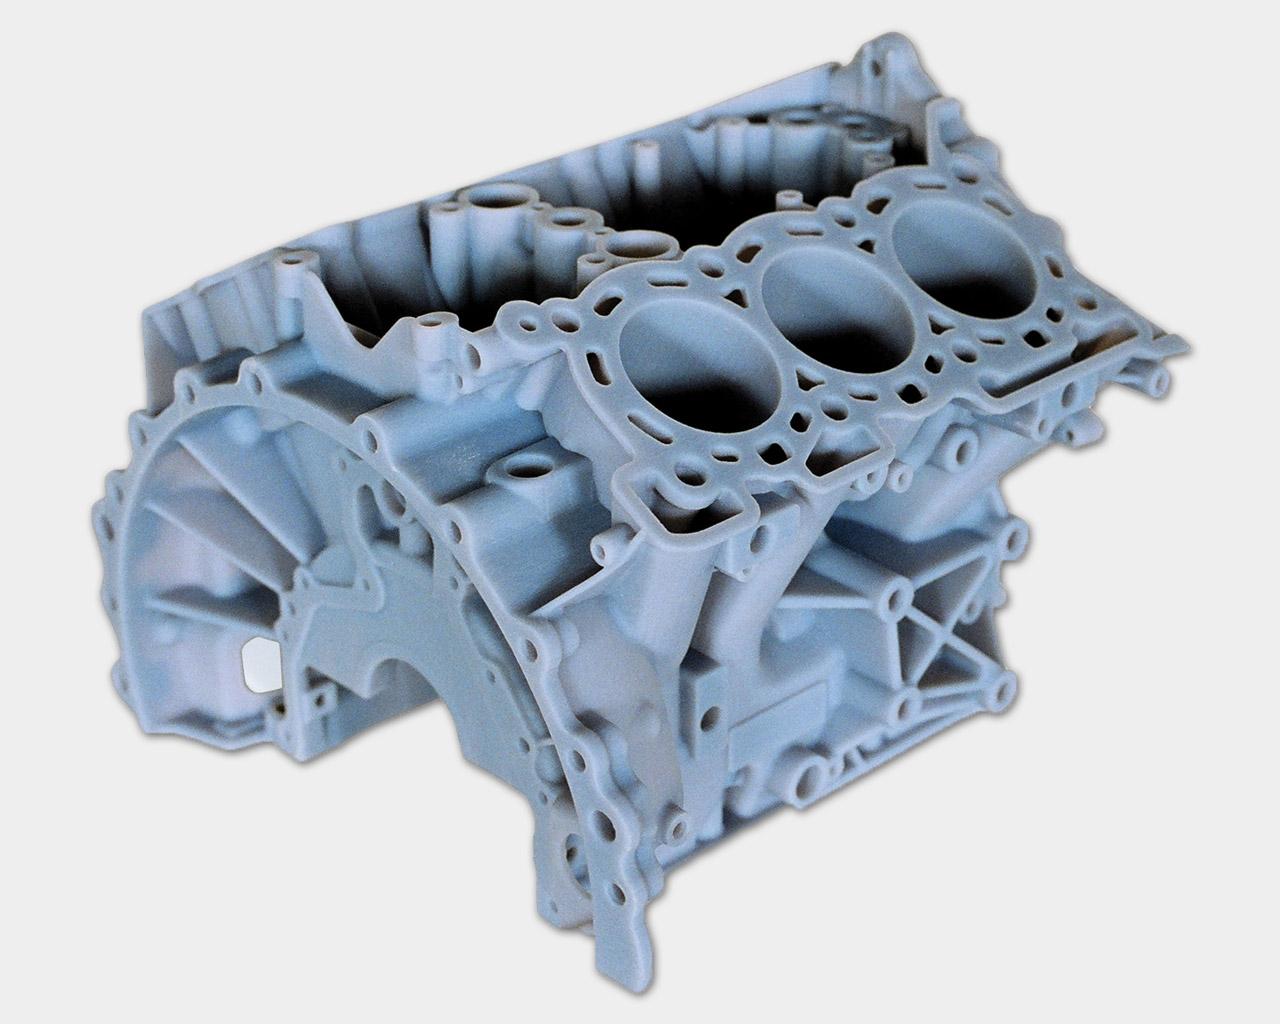 Hochkomplexe Oberflächen in der 3D-Druckdienstleistung